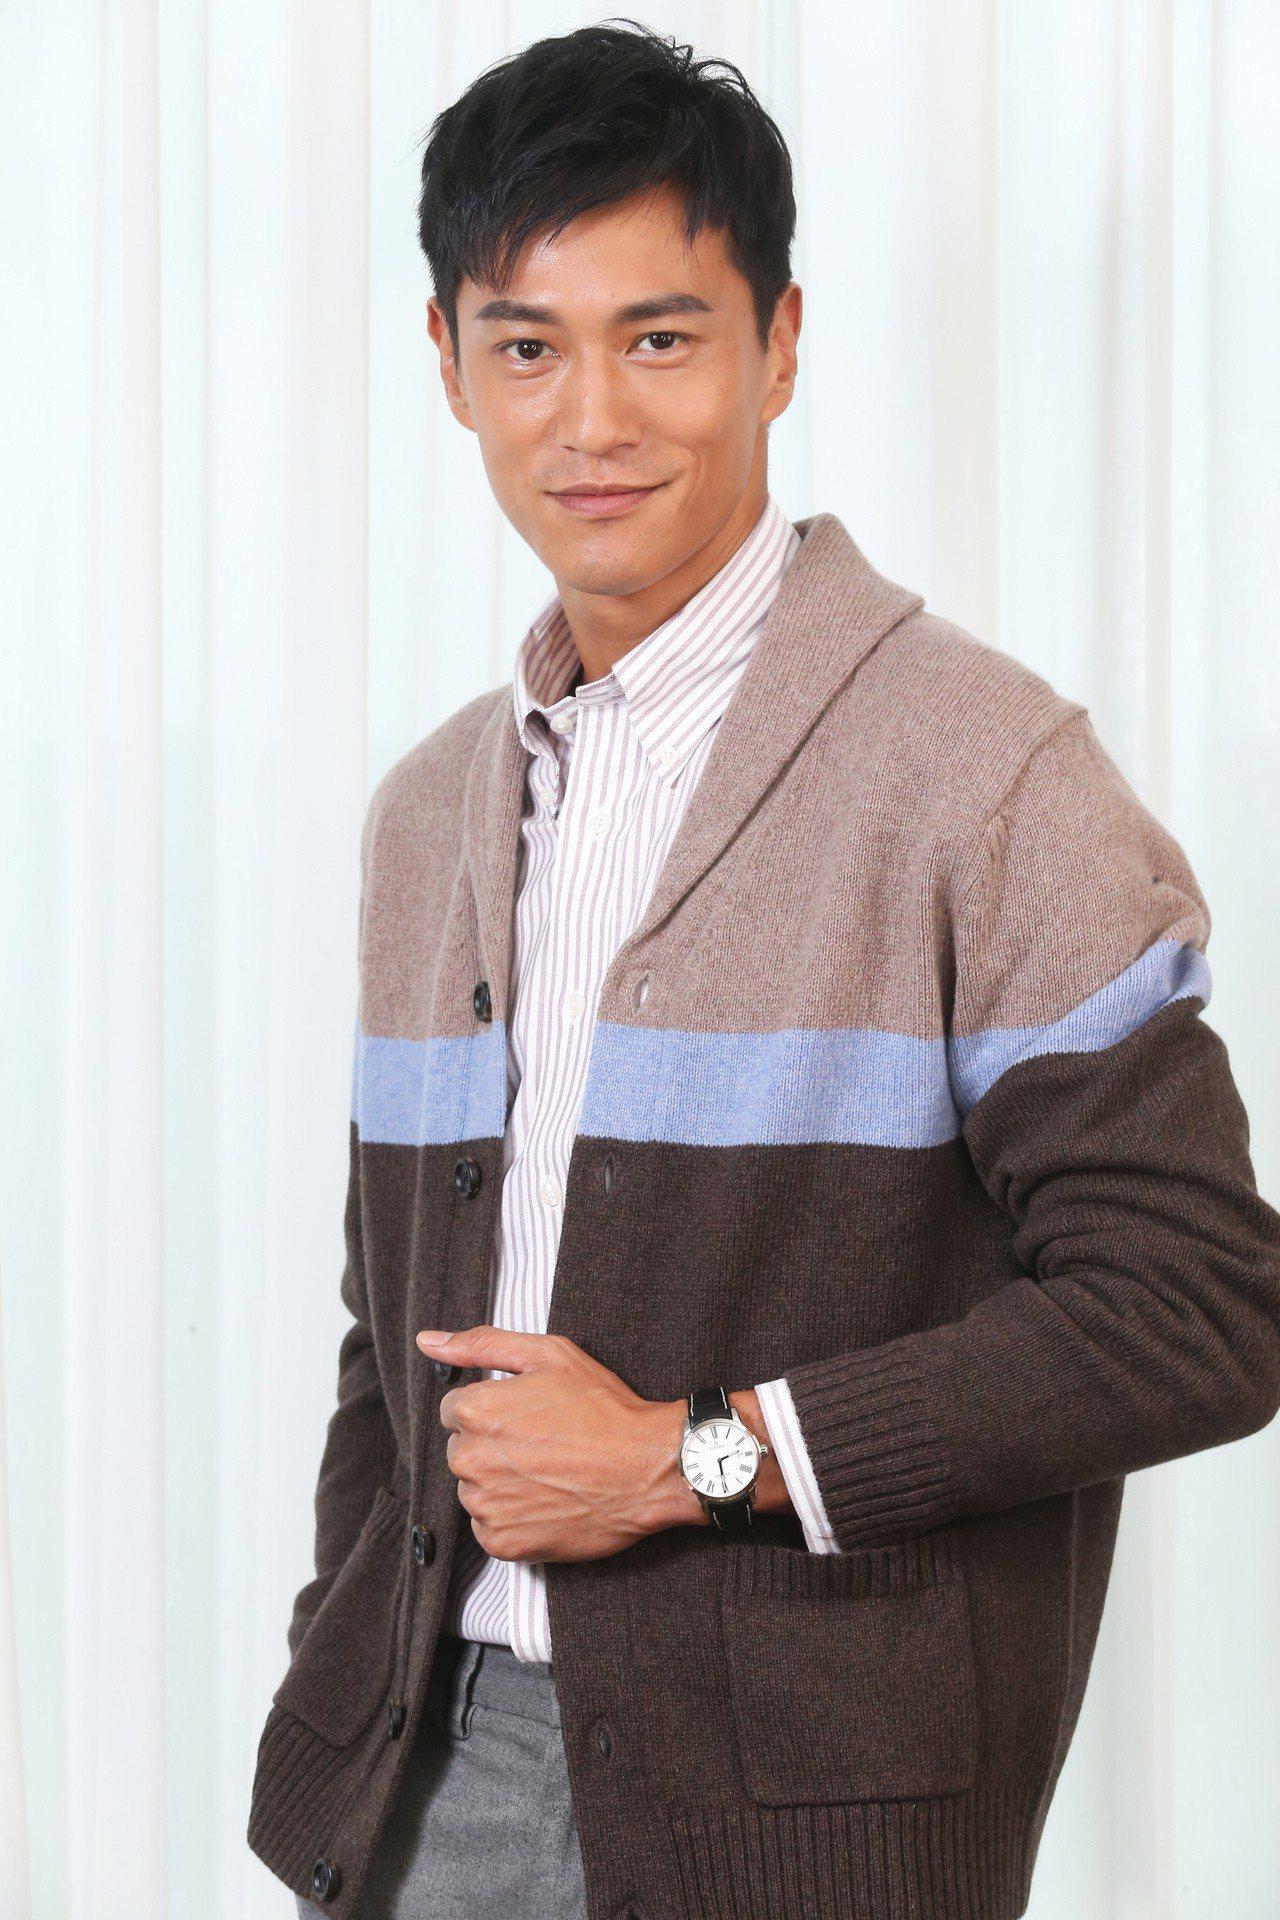 鍾承翰穿著Brooks Brothers條紋襯衫、灰色毛料西裝褲、卡其色塊針織衫...